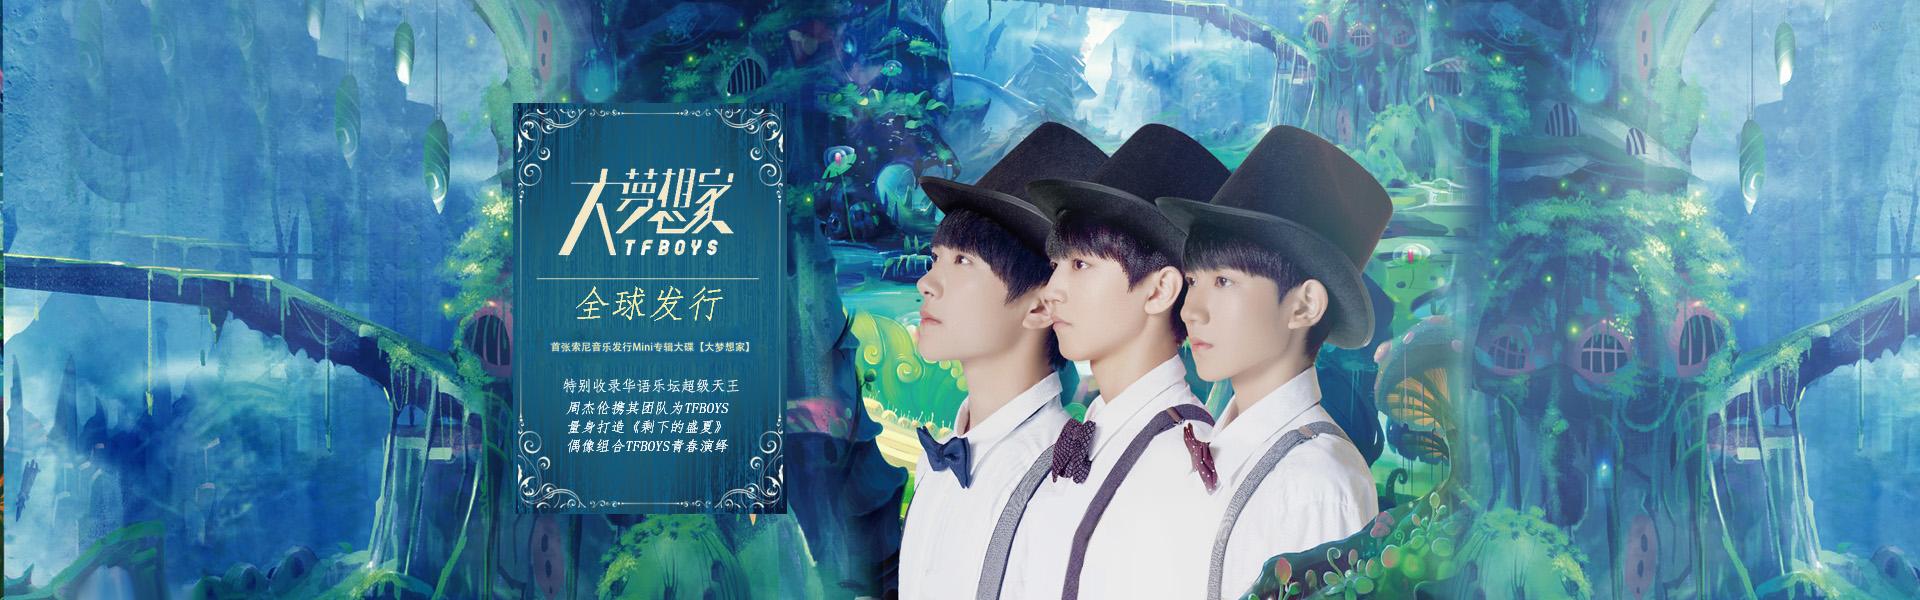 tfboys大梦想家mini新专辑 cd 海报 5张明信片 歌词本